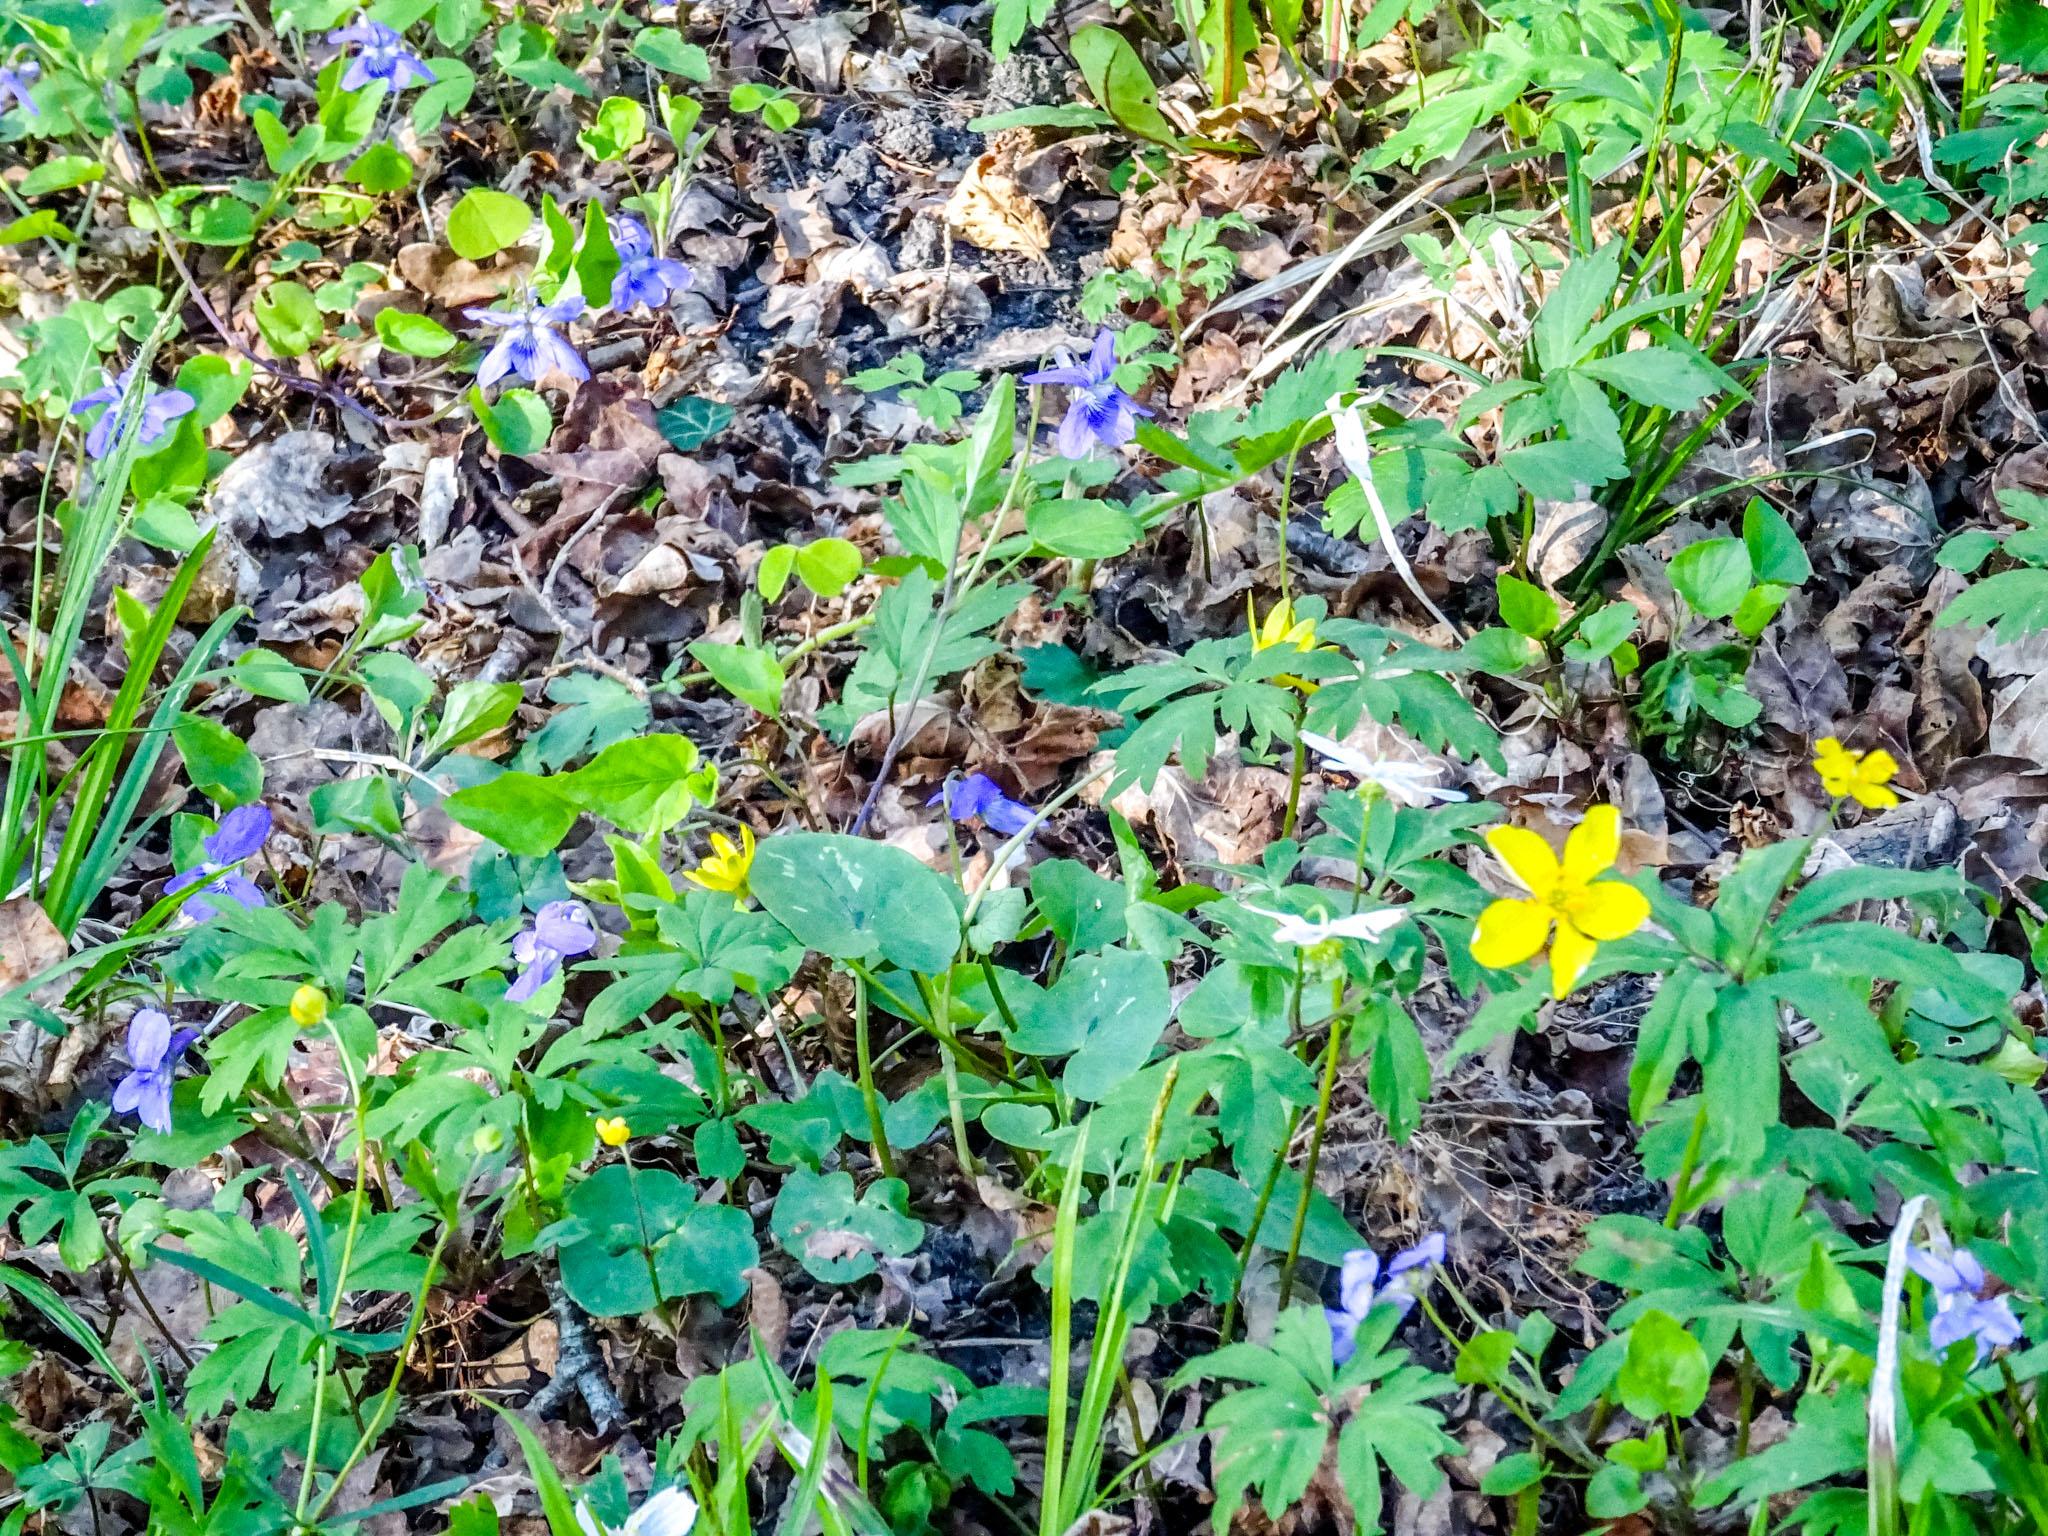 Blumenwiee